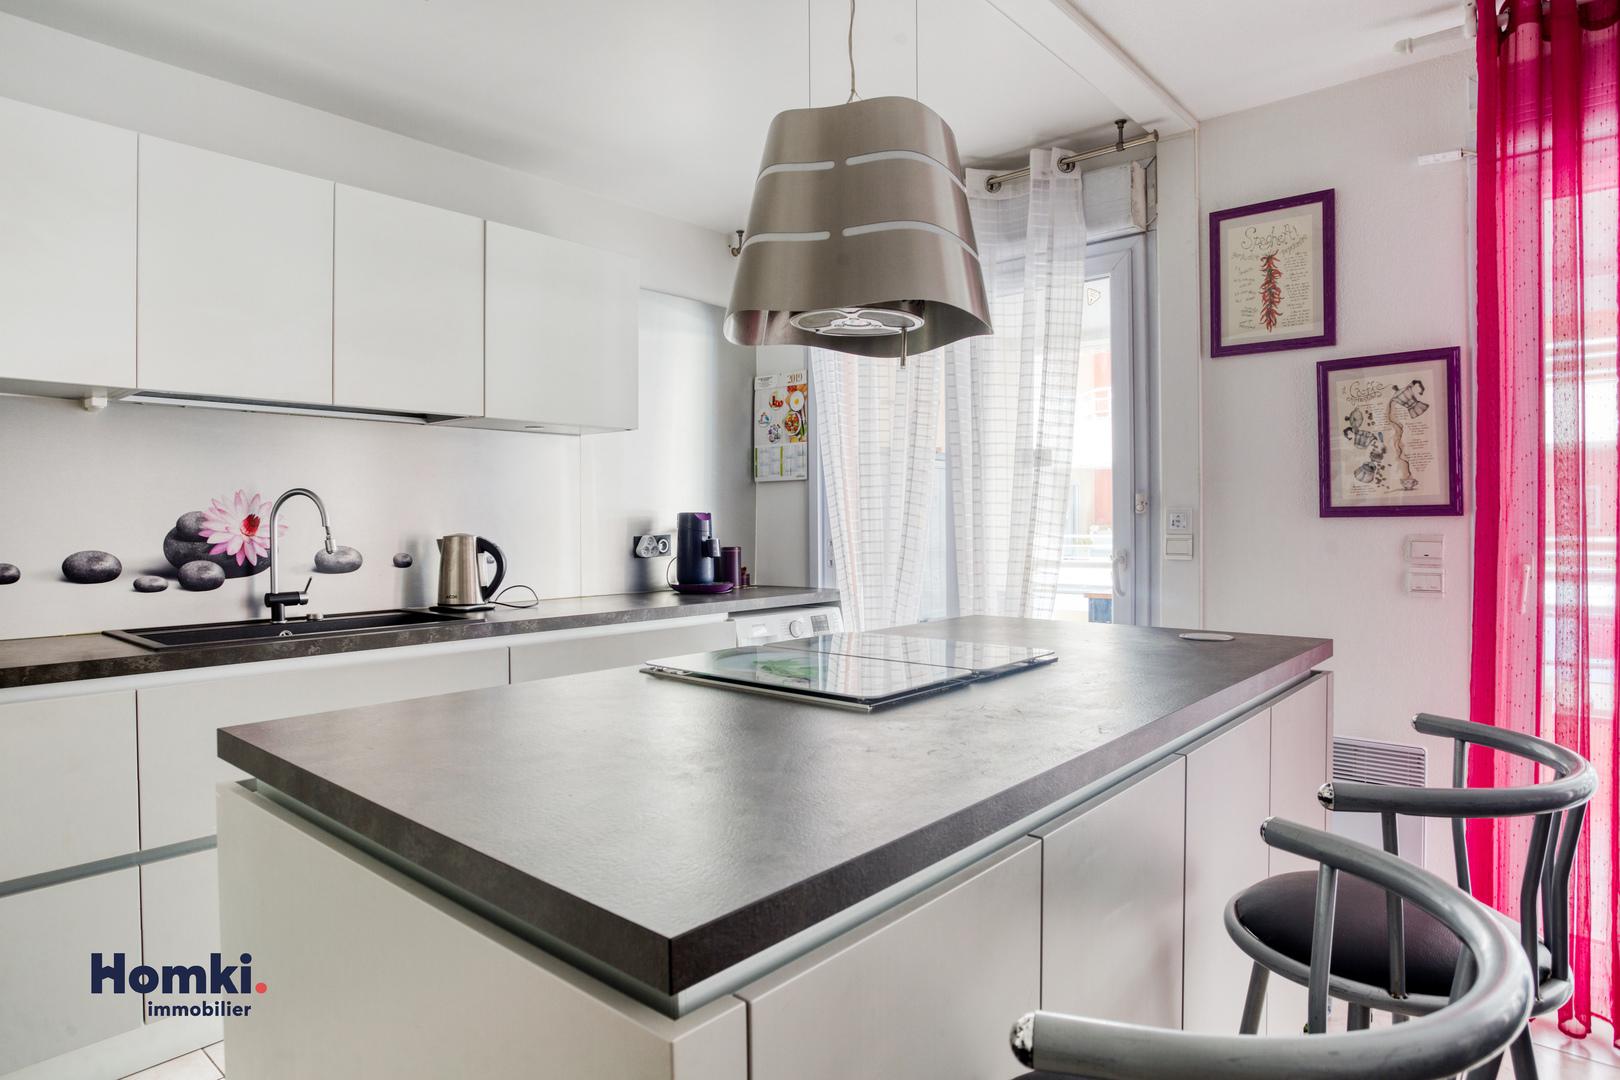 Vente Appartement 72 m² T4 83700_12